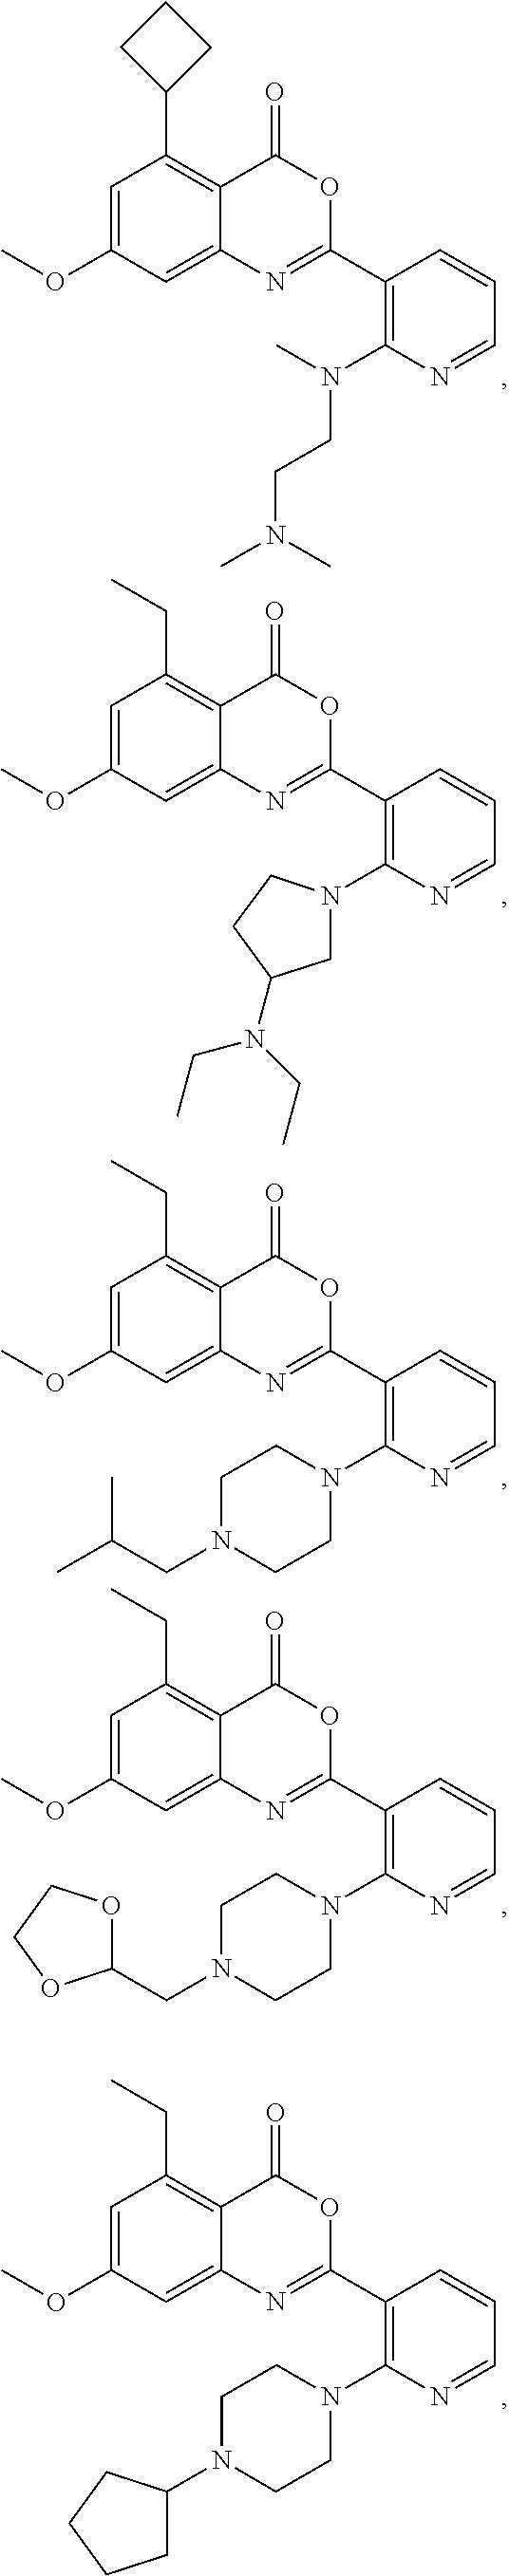 Figure US07879846-20110201-C00406